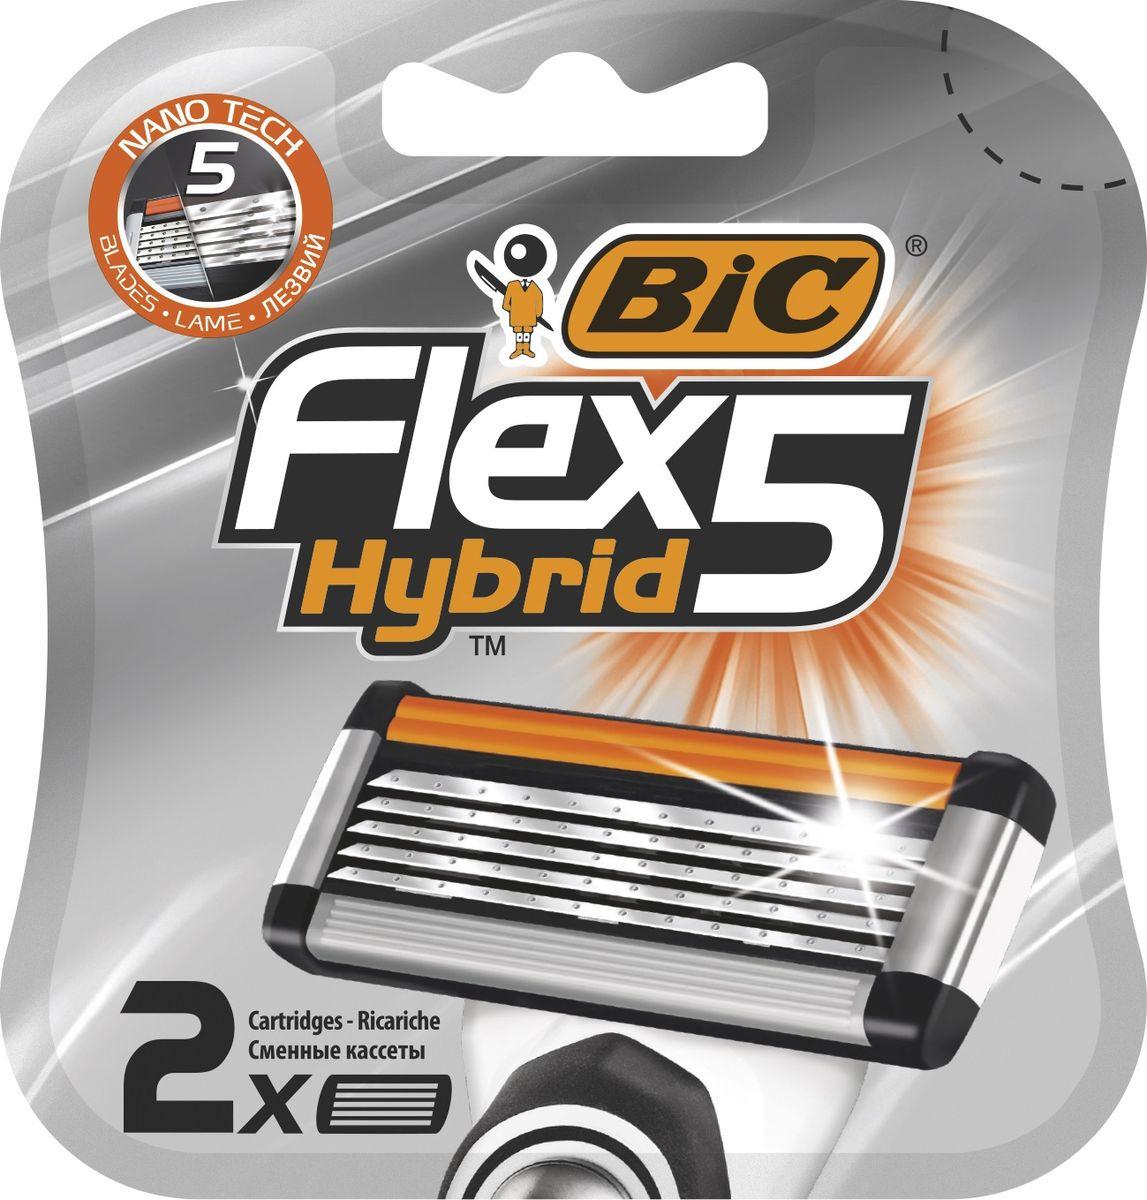 Сменные кассеты для бритья BIC Flex 5 Hybrid, 2 шт кассеты bic flex 3 hybrid 4шт